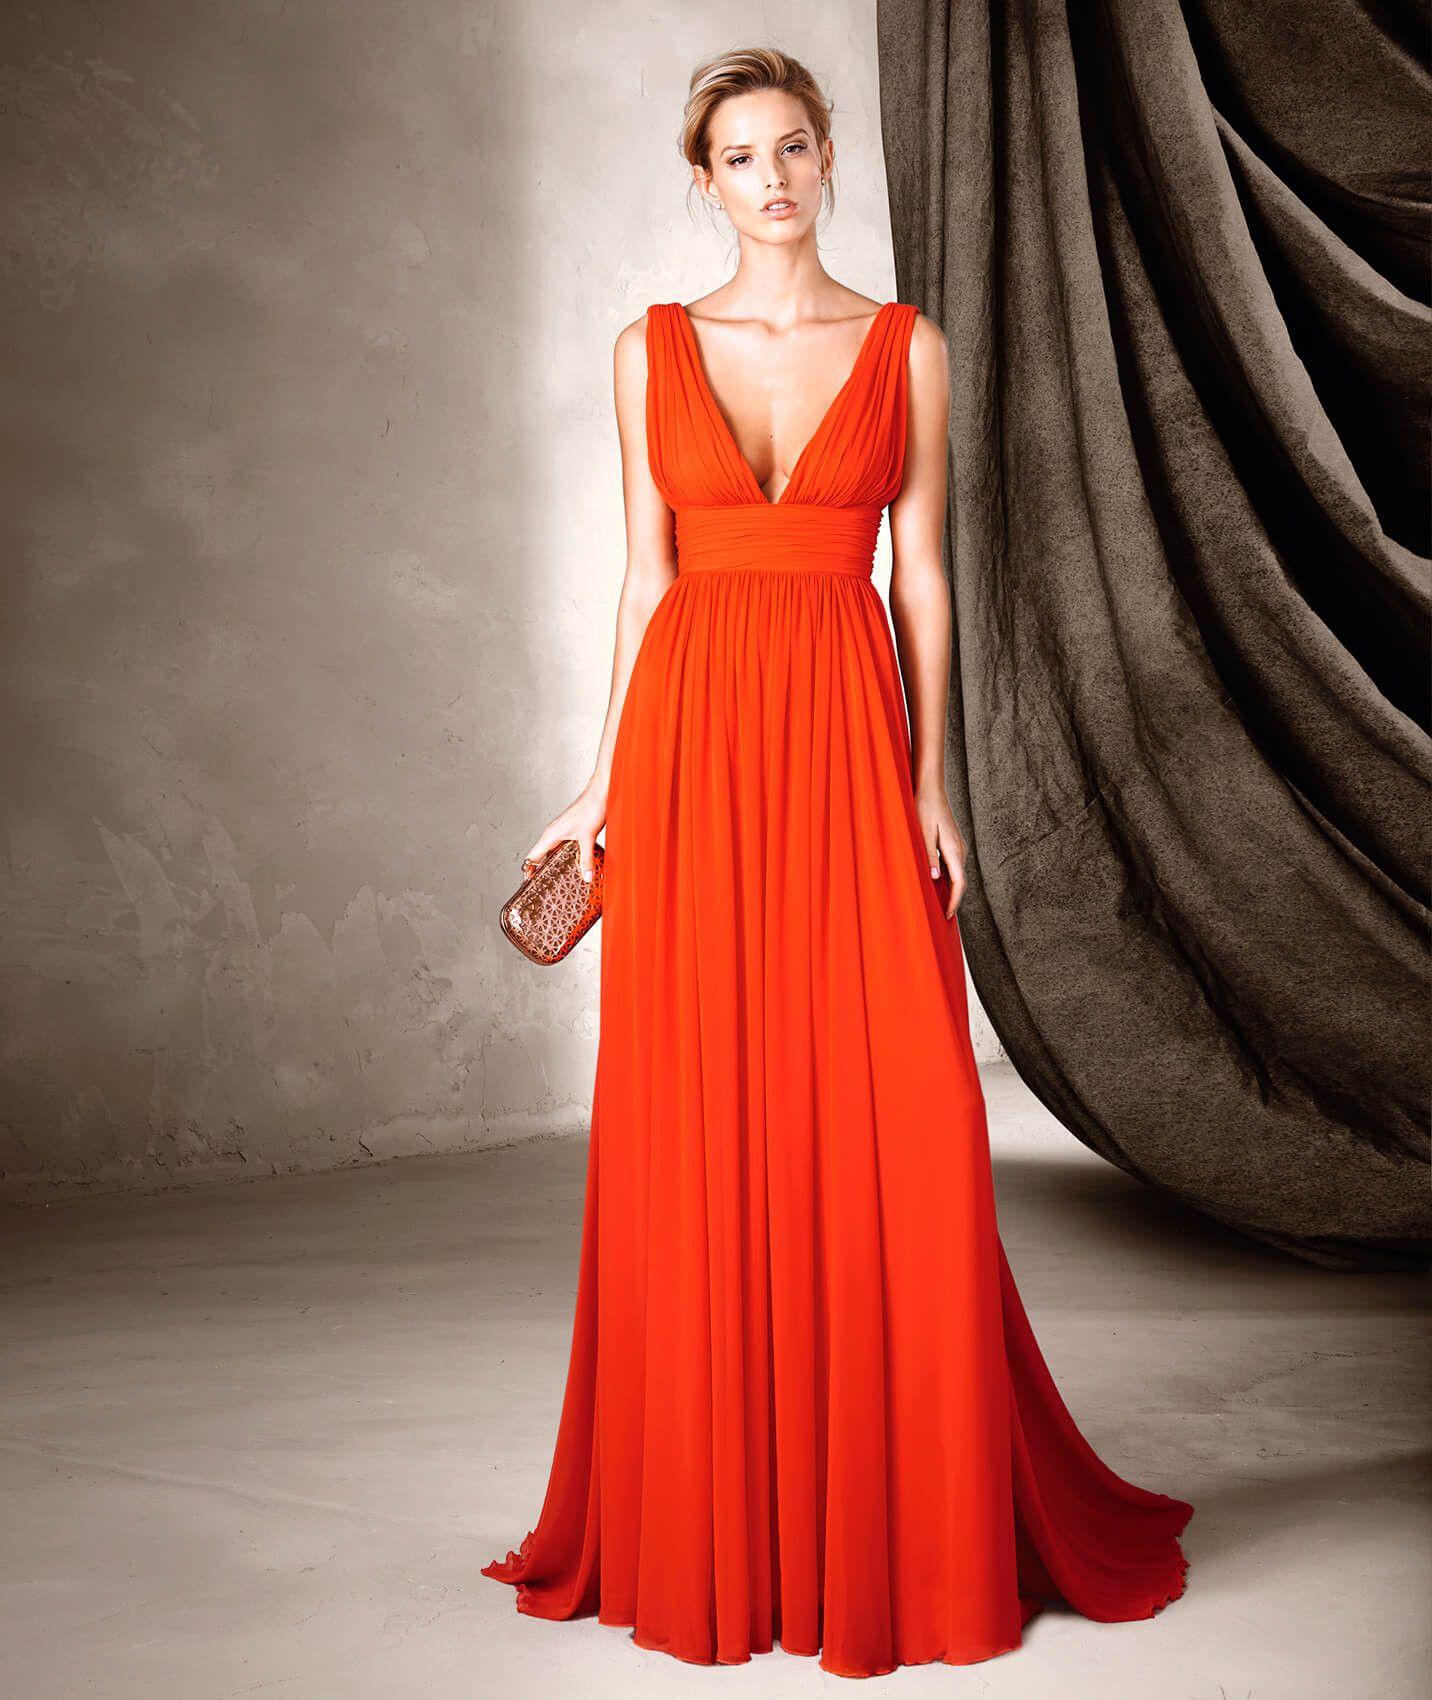 993f59658 Te presentamos el modelo CISNE de la colección de Vestidos de Fiesta. Entra  y conoce este magnífico vestido de gasa disponible en Pronovias para ti.